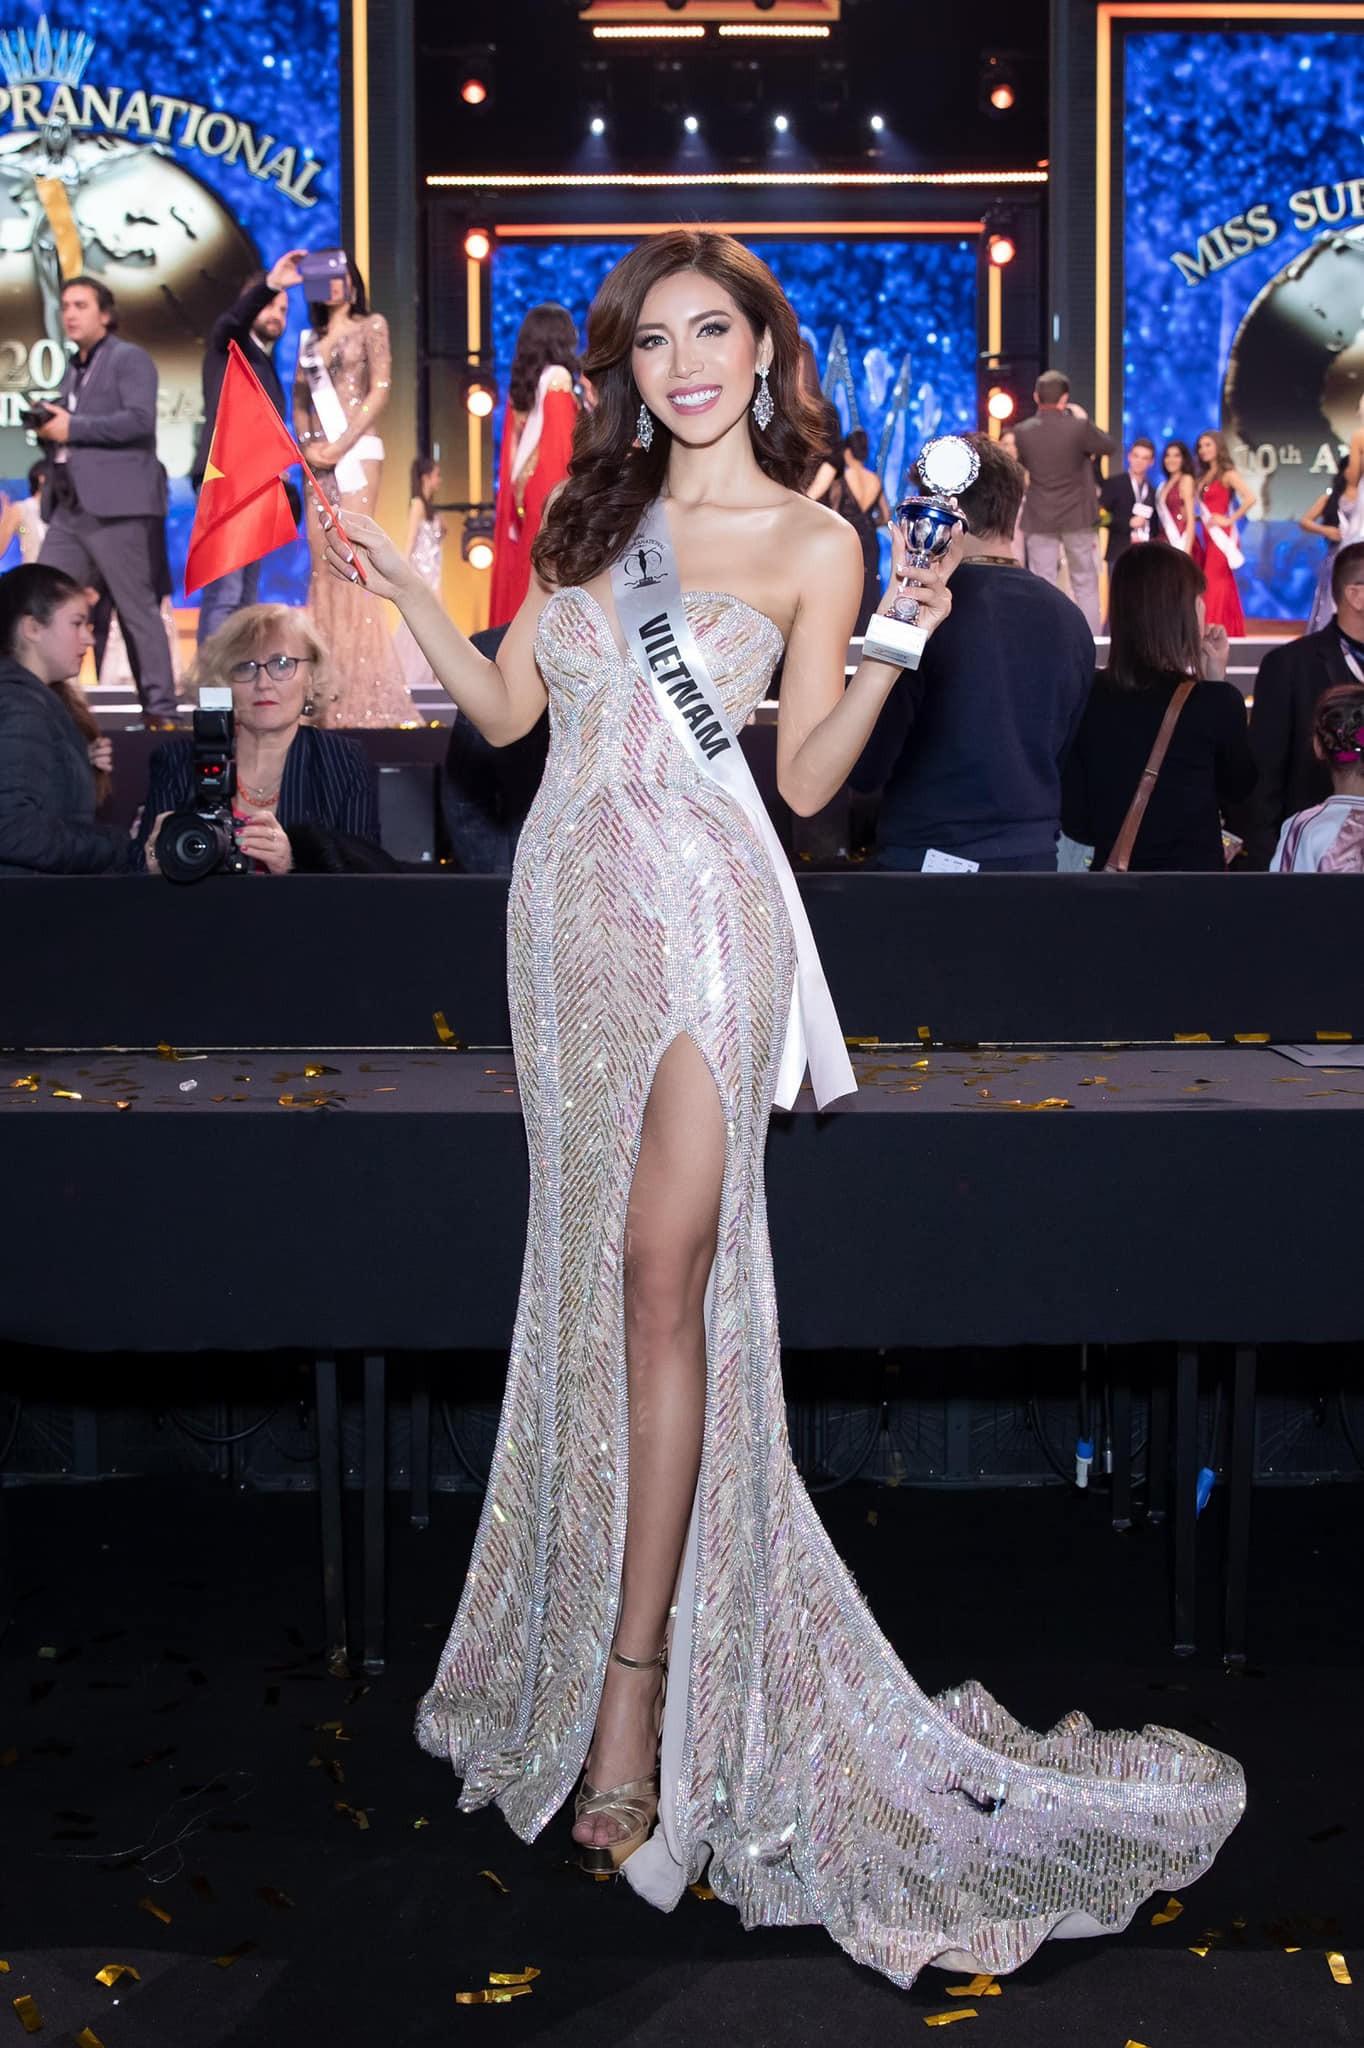 Minh Tú đội vương miện Hoa hậu Siêu quốc gia Châu Á, quẩy hết mình sau khi chỉ dừng chân tại Top 10 - Ảnh 4.